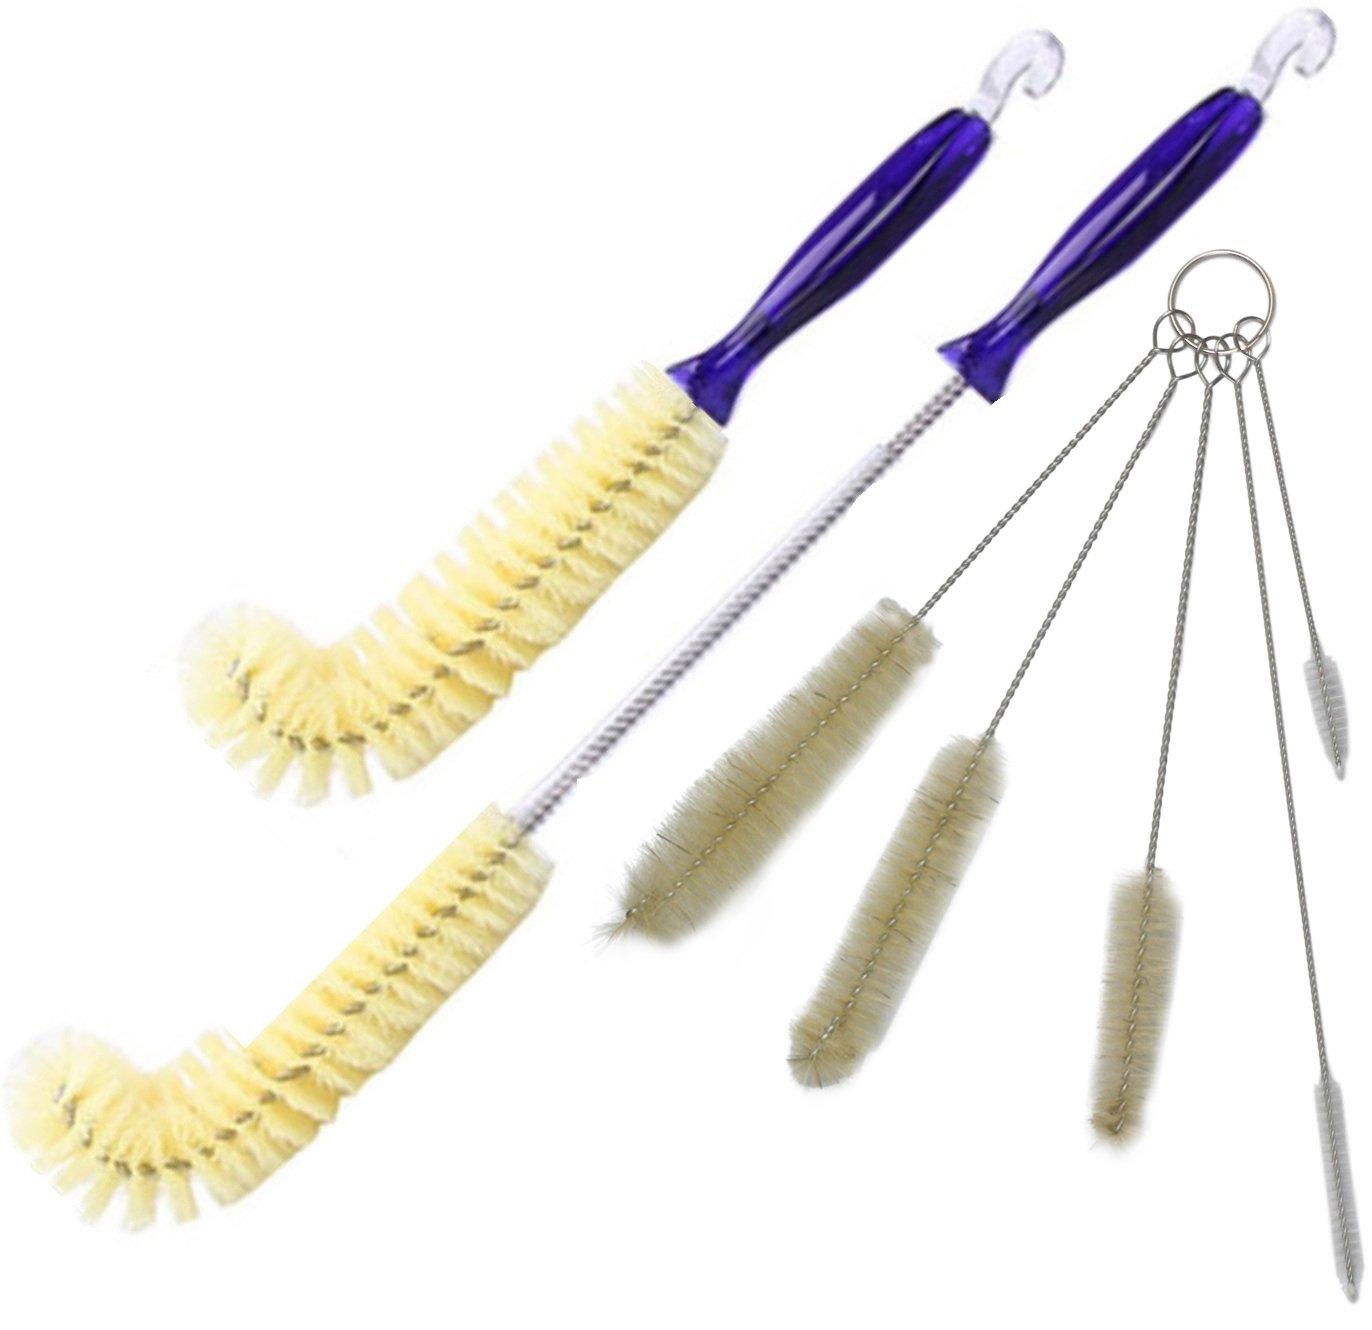 Uzepi 7pc Straw & Bottle Brush Cleaning Set, Angled Design, Comfort Handles, Hooks & Keyring, Tiny-to-Large, Best New Value Bundle